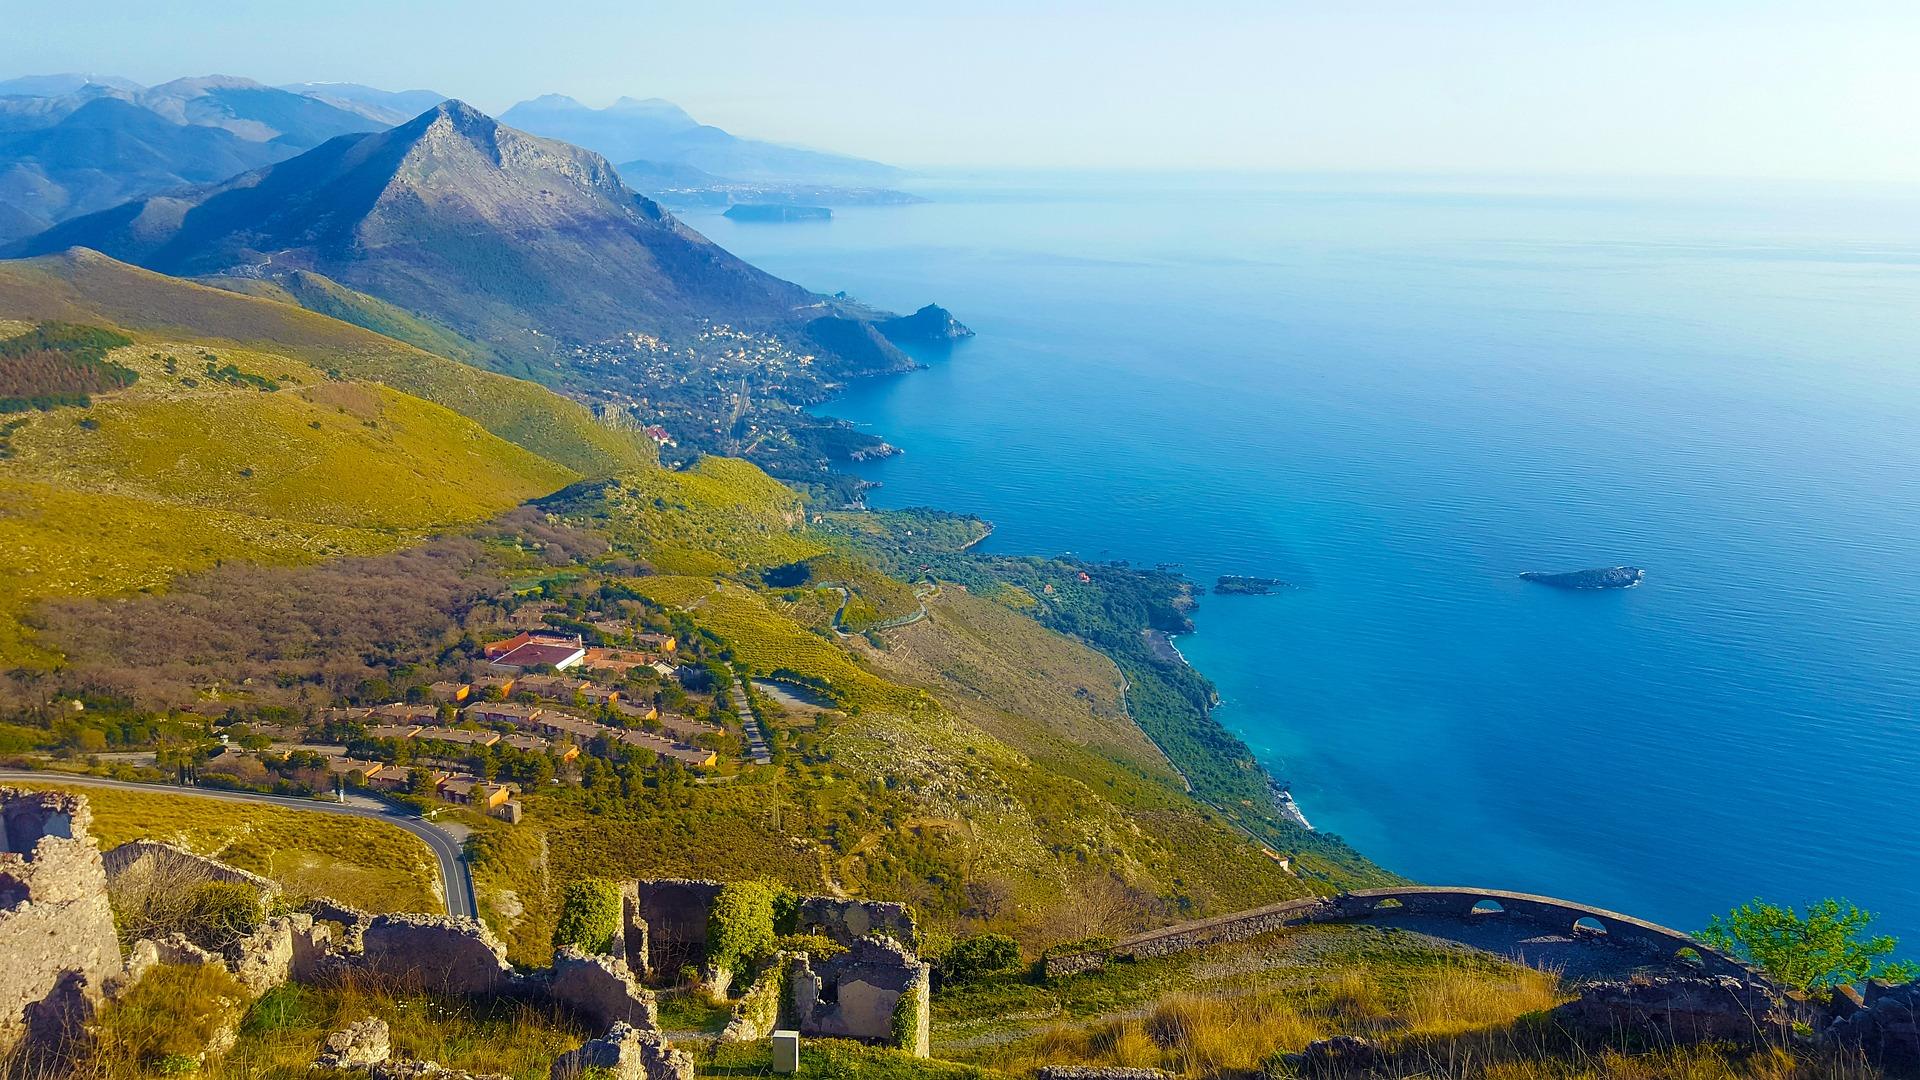 Maratea Sulla Cartina Geografica.Vacanze In Basilicata Ecco Dove Andare Prenota Viaggi